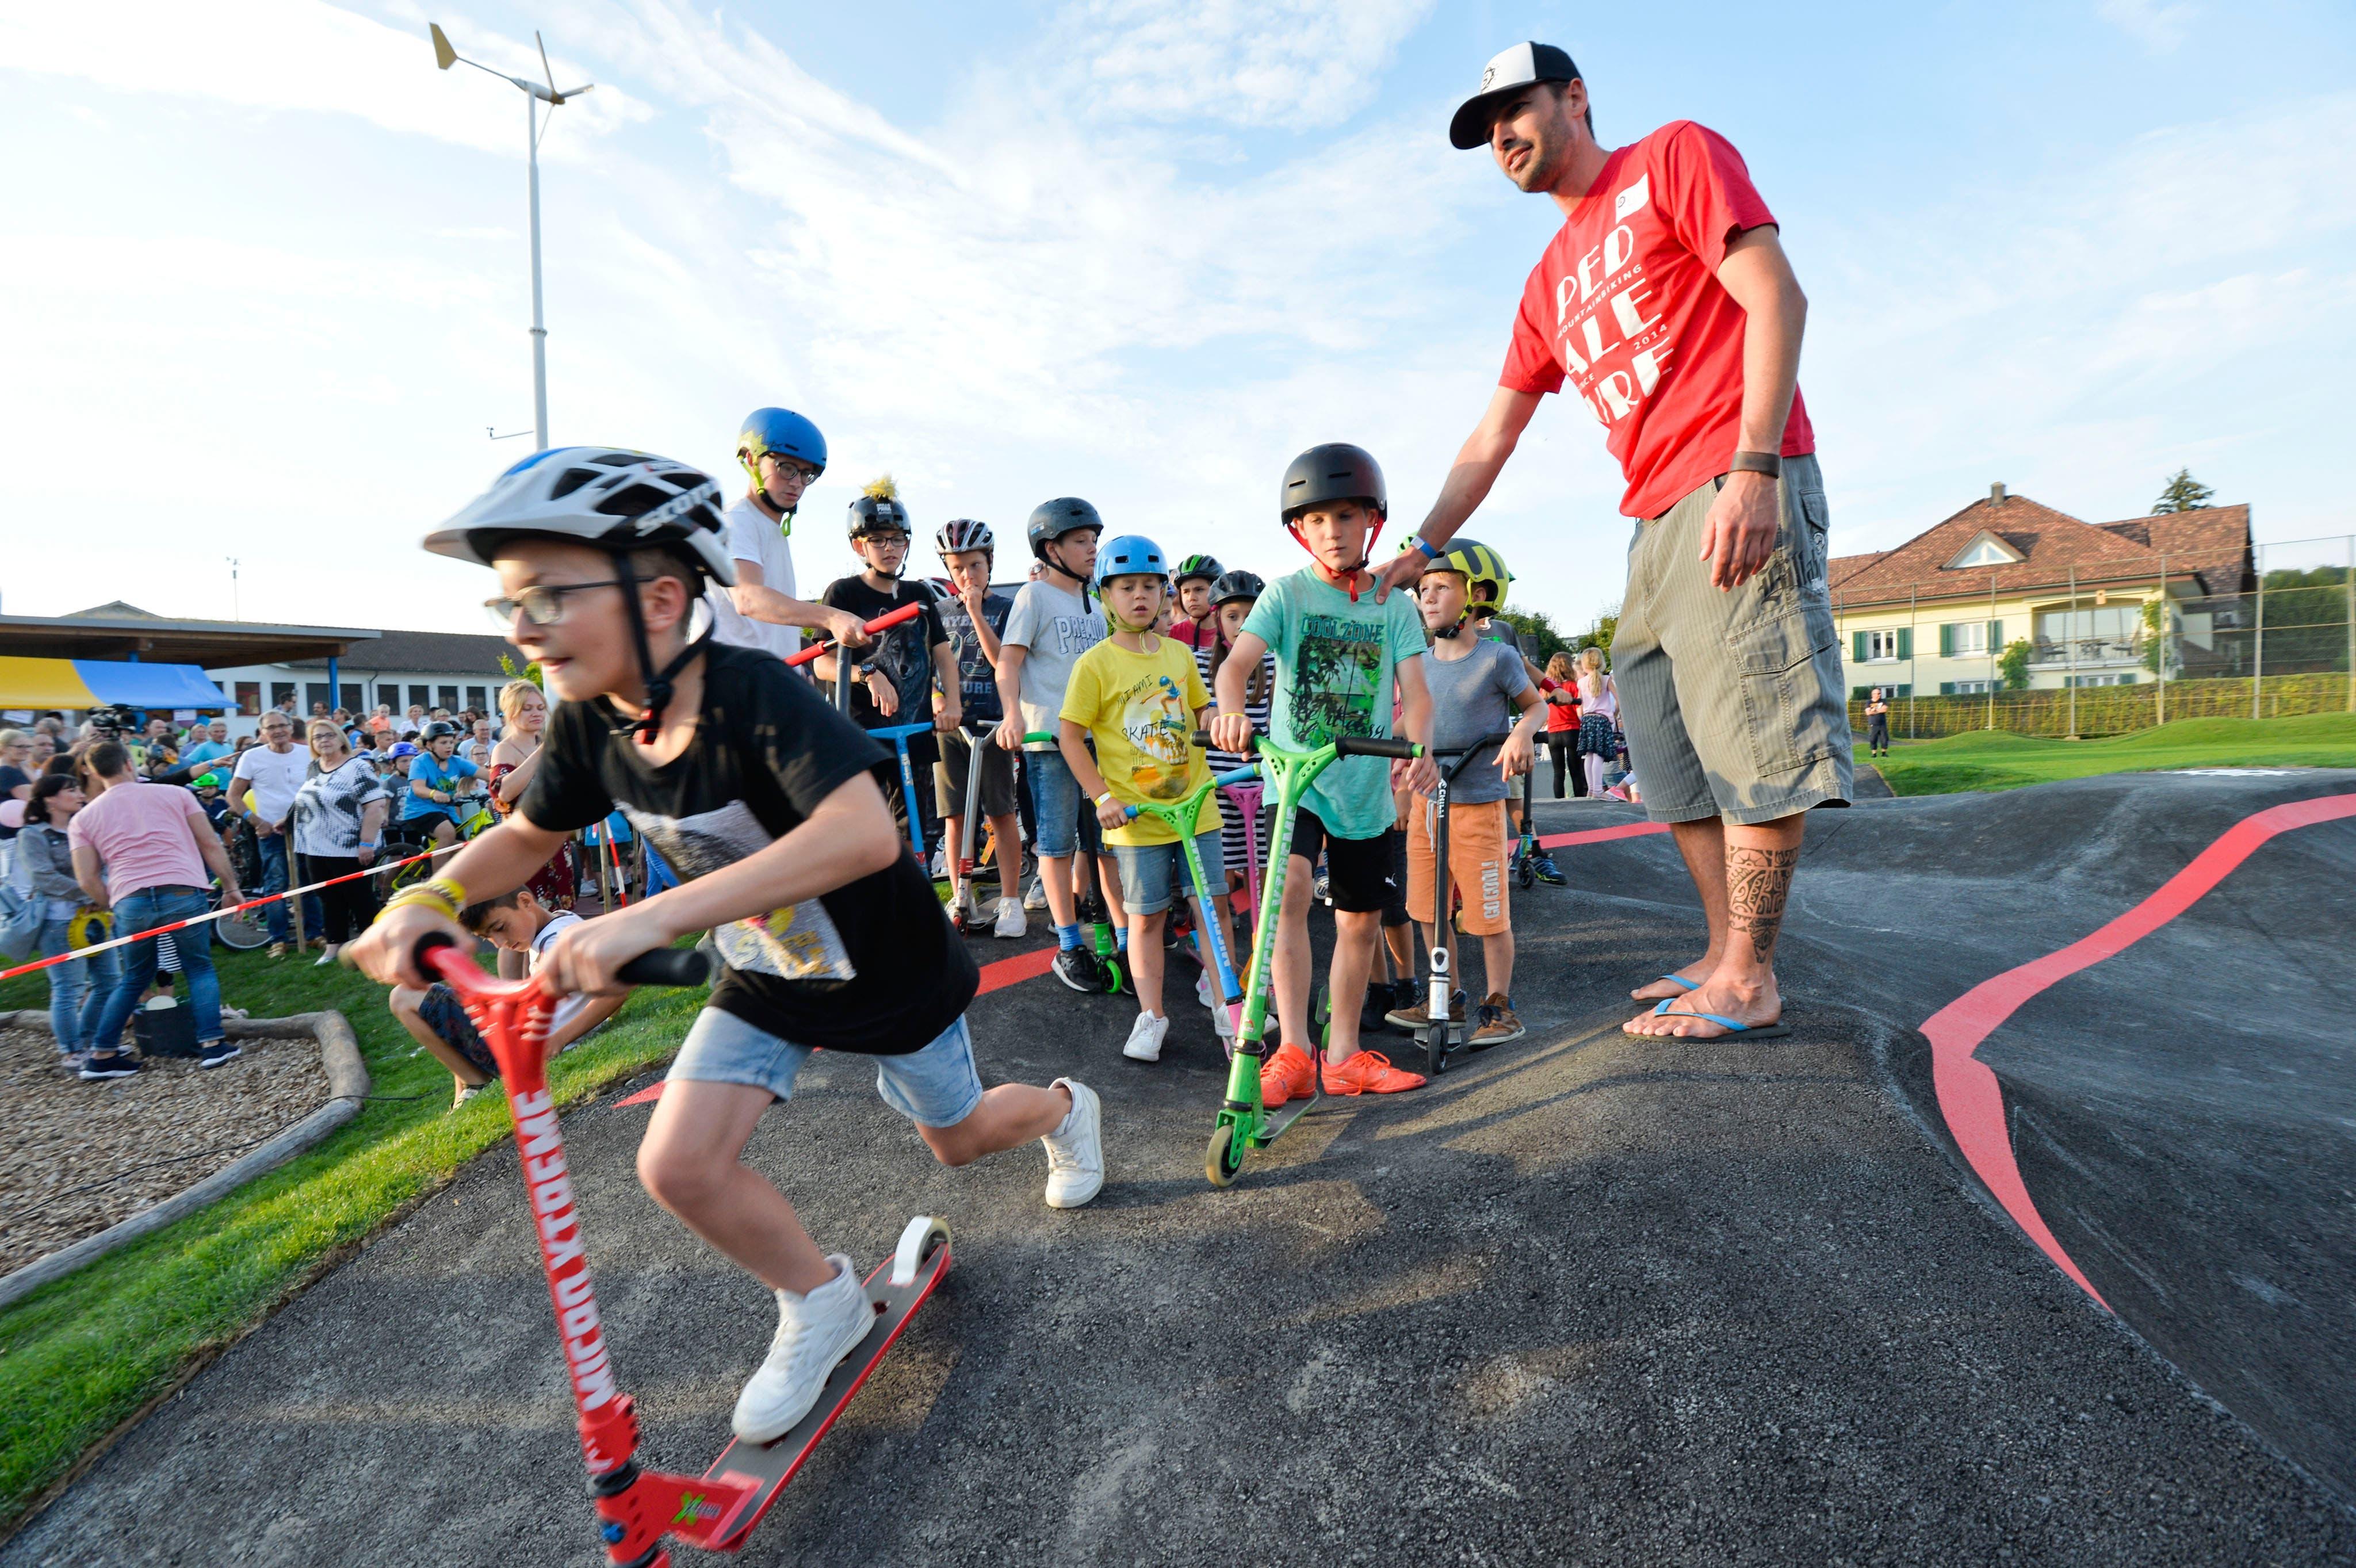 Lukas Gasser kontrolliert, dass sich nicht zu viele Kinder gleichzeitig auf dem Pumptrack befinden.